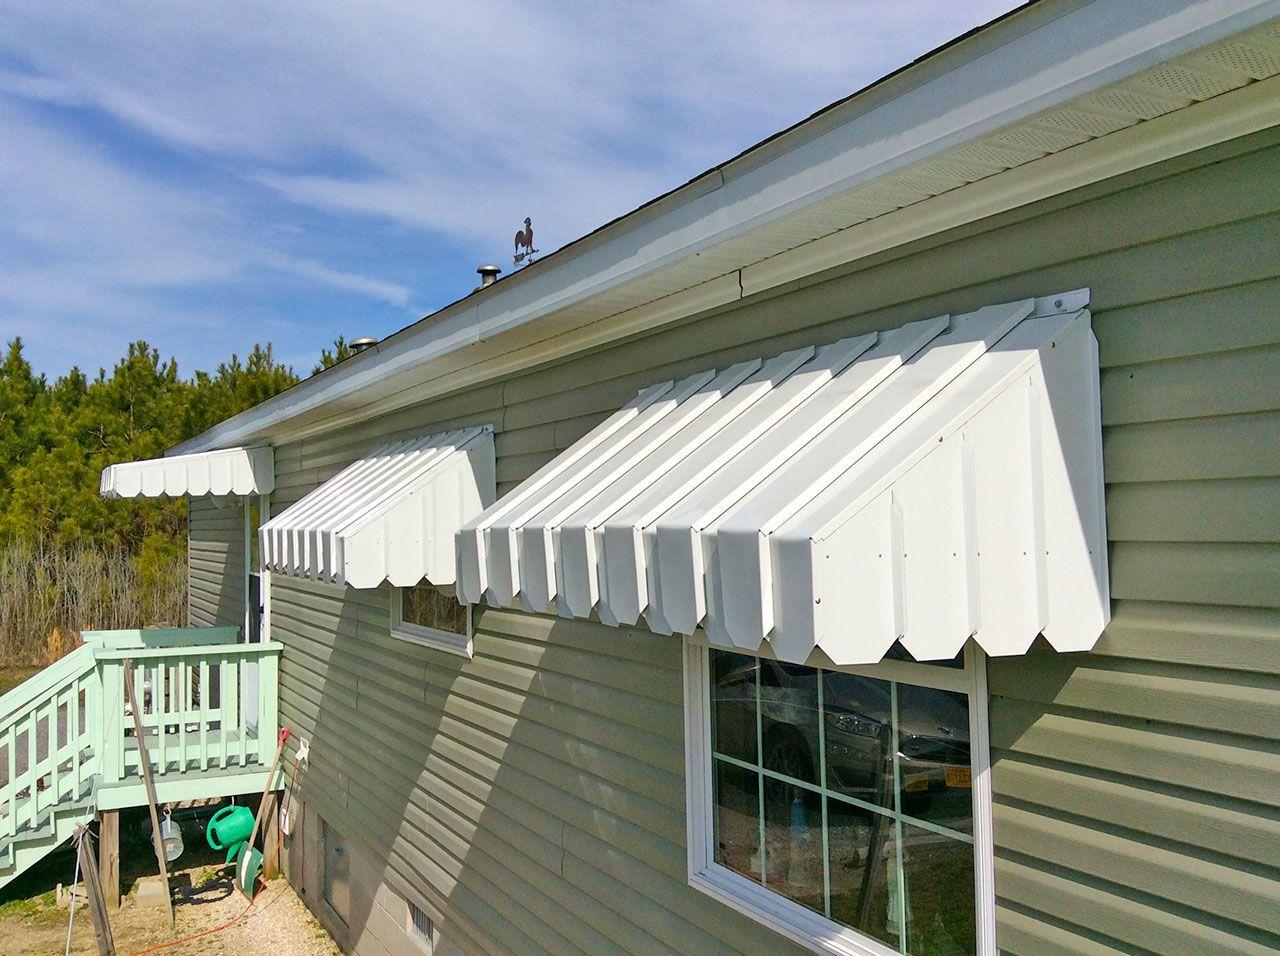 Ac500 Economy Window Awning Aluminum Patio Awnings Window Awnings Metal Awnings For Windows